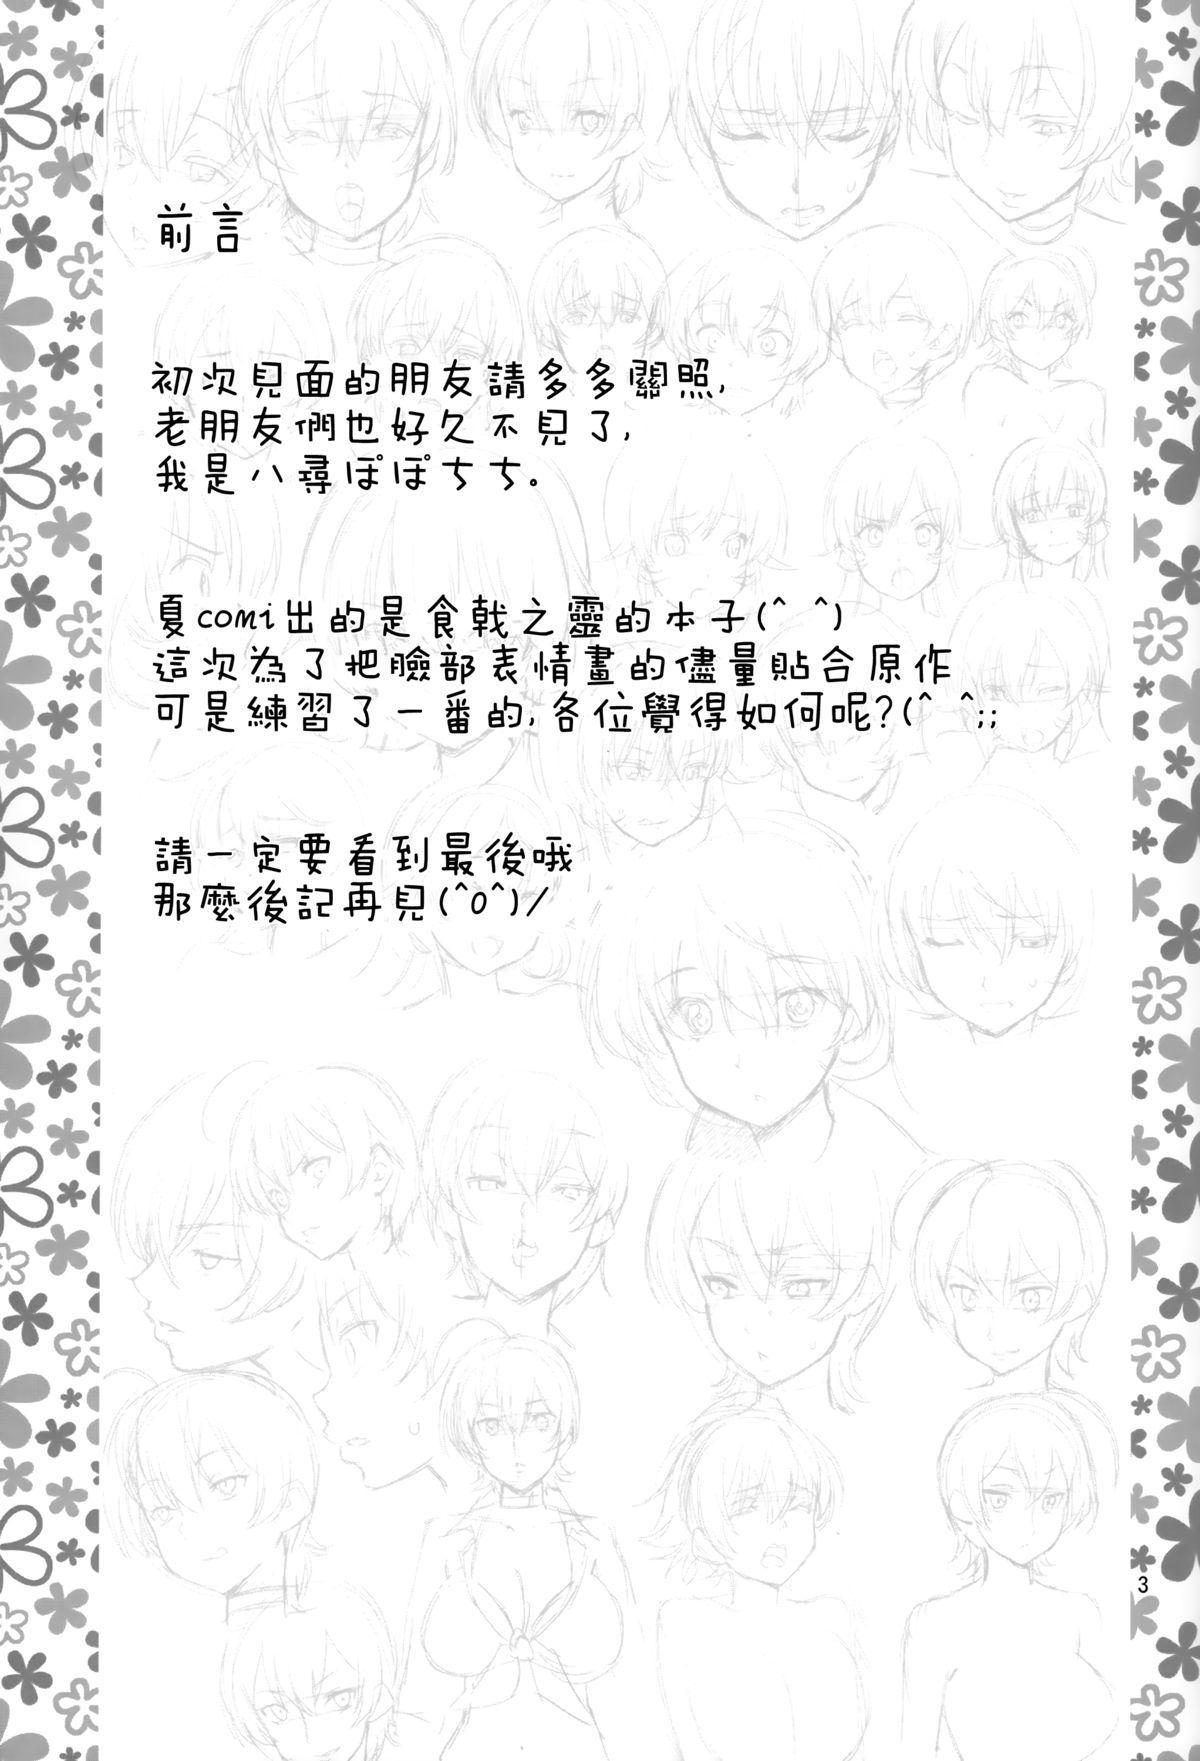 Seigeki no Soma 3